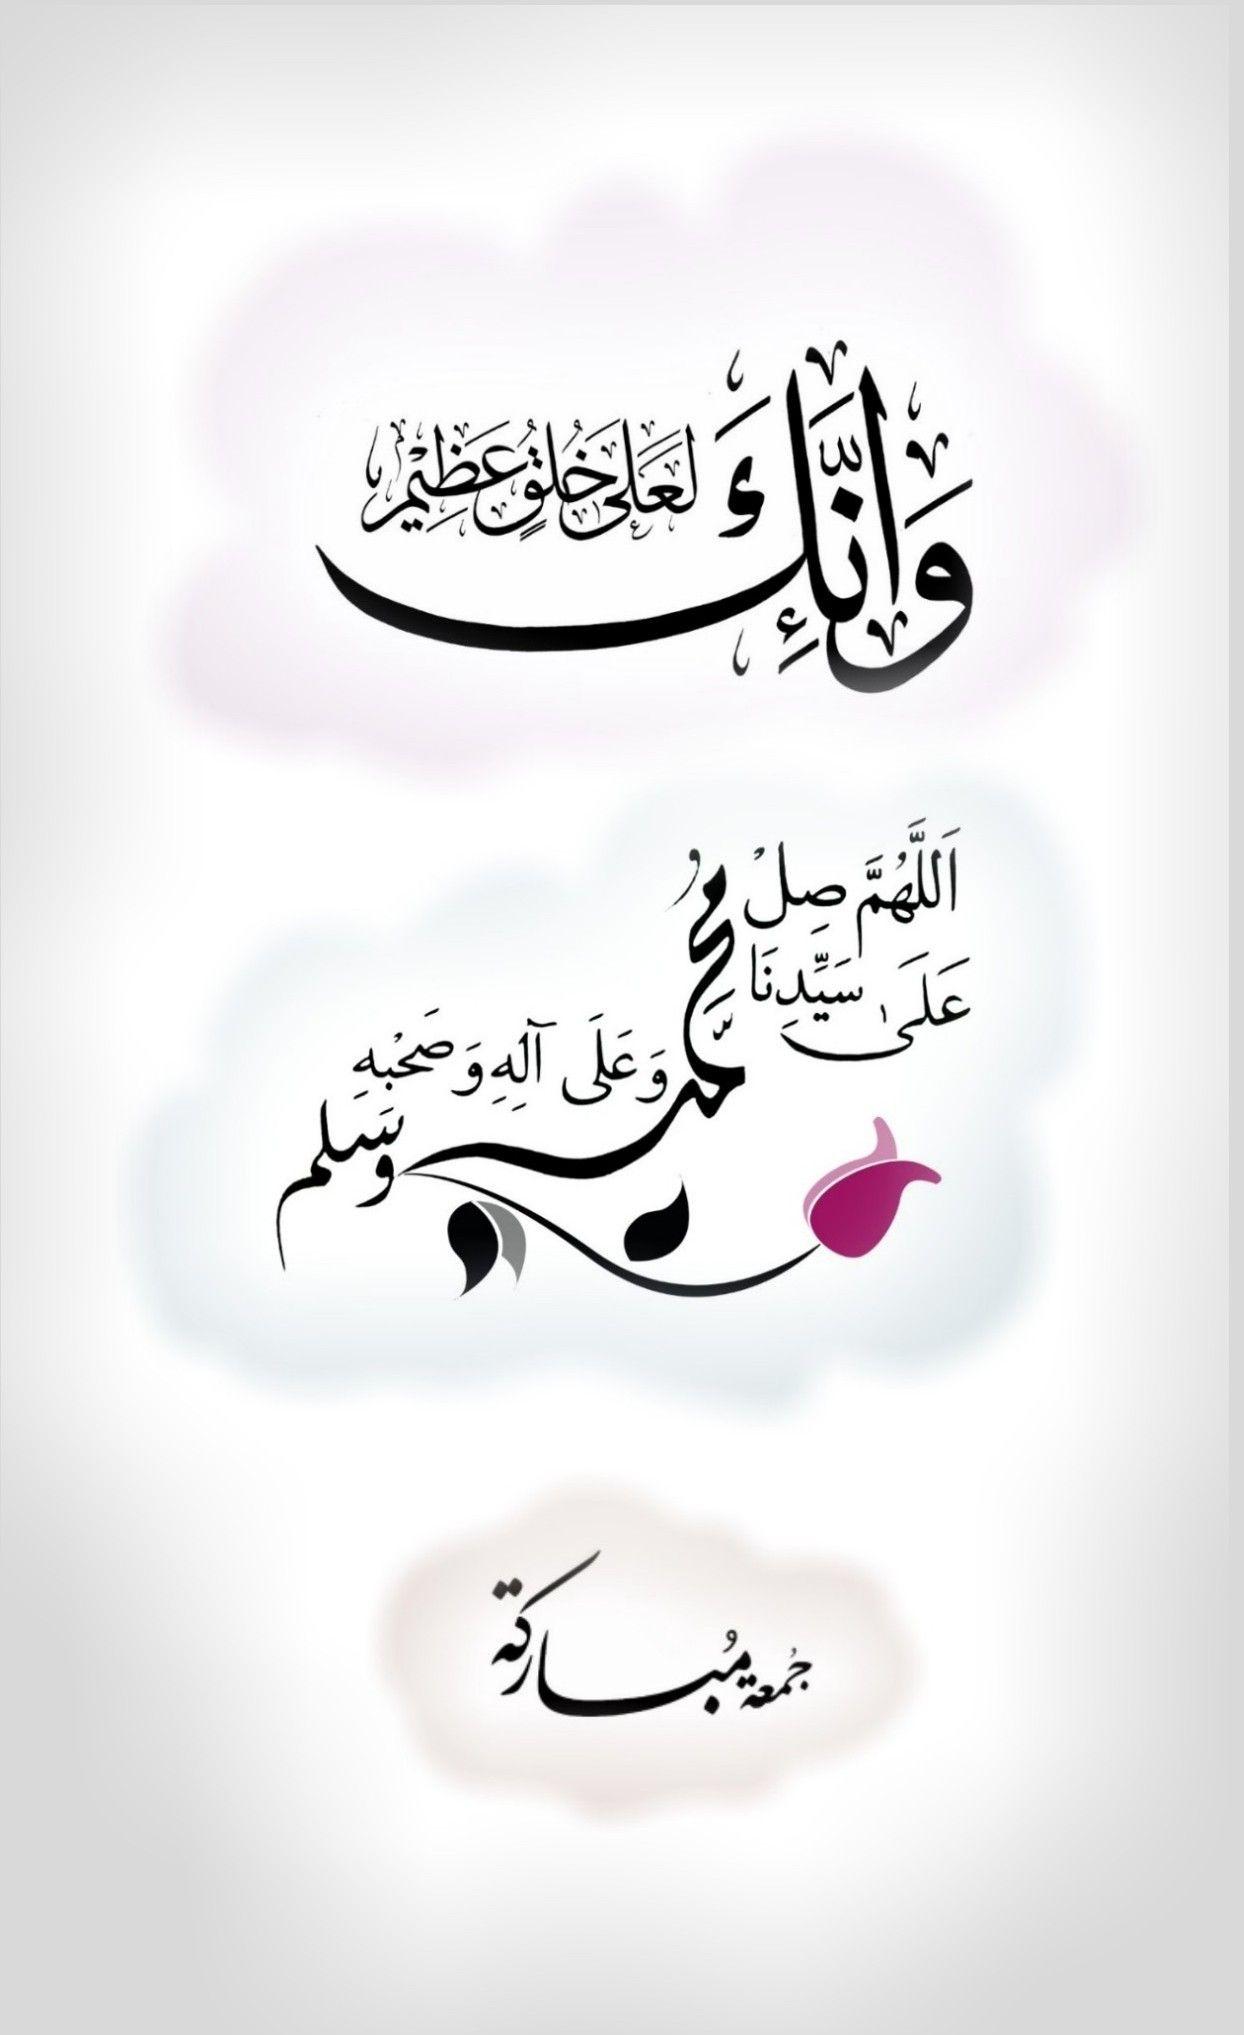 و إ ن ك ل ع لى خ ل ق ع ظ يم اللهم صل وسلم وبارك على نبينا محمد ﷺ جمعــــة مباركــــة Beautiful Quran Quotes Quran Quotes Love Islamic Quotes Wallpaper